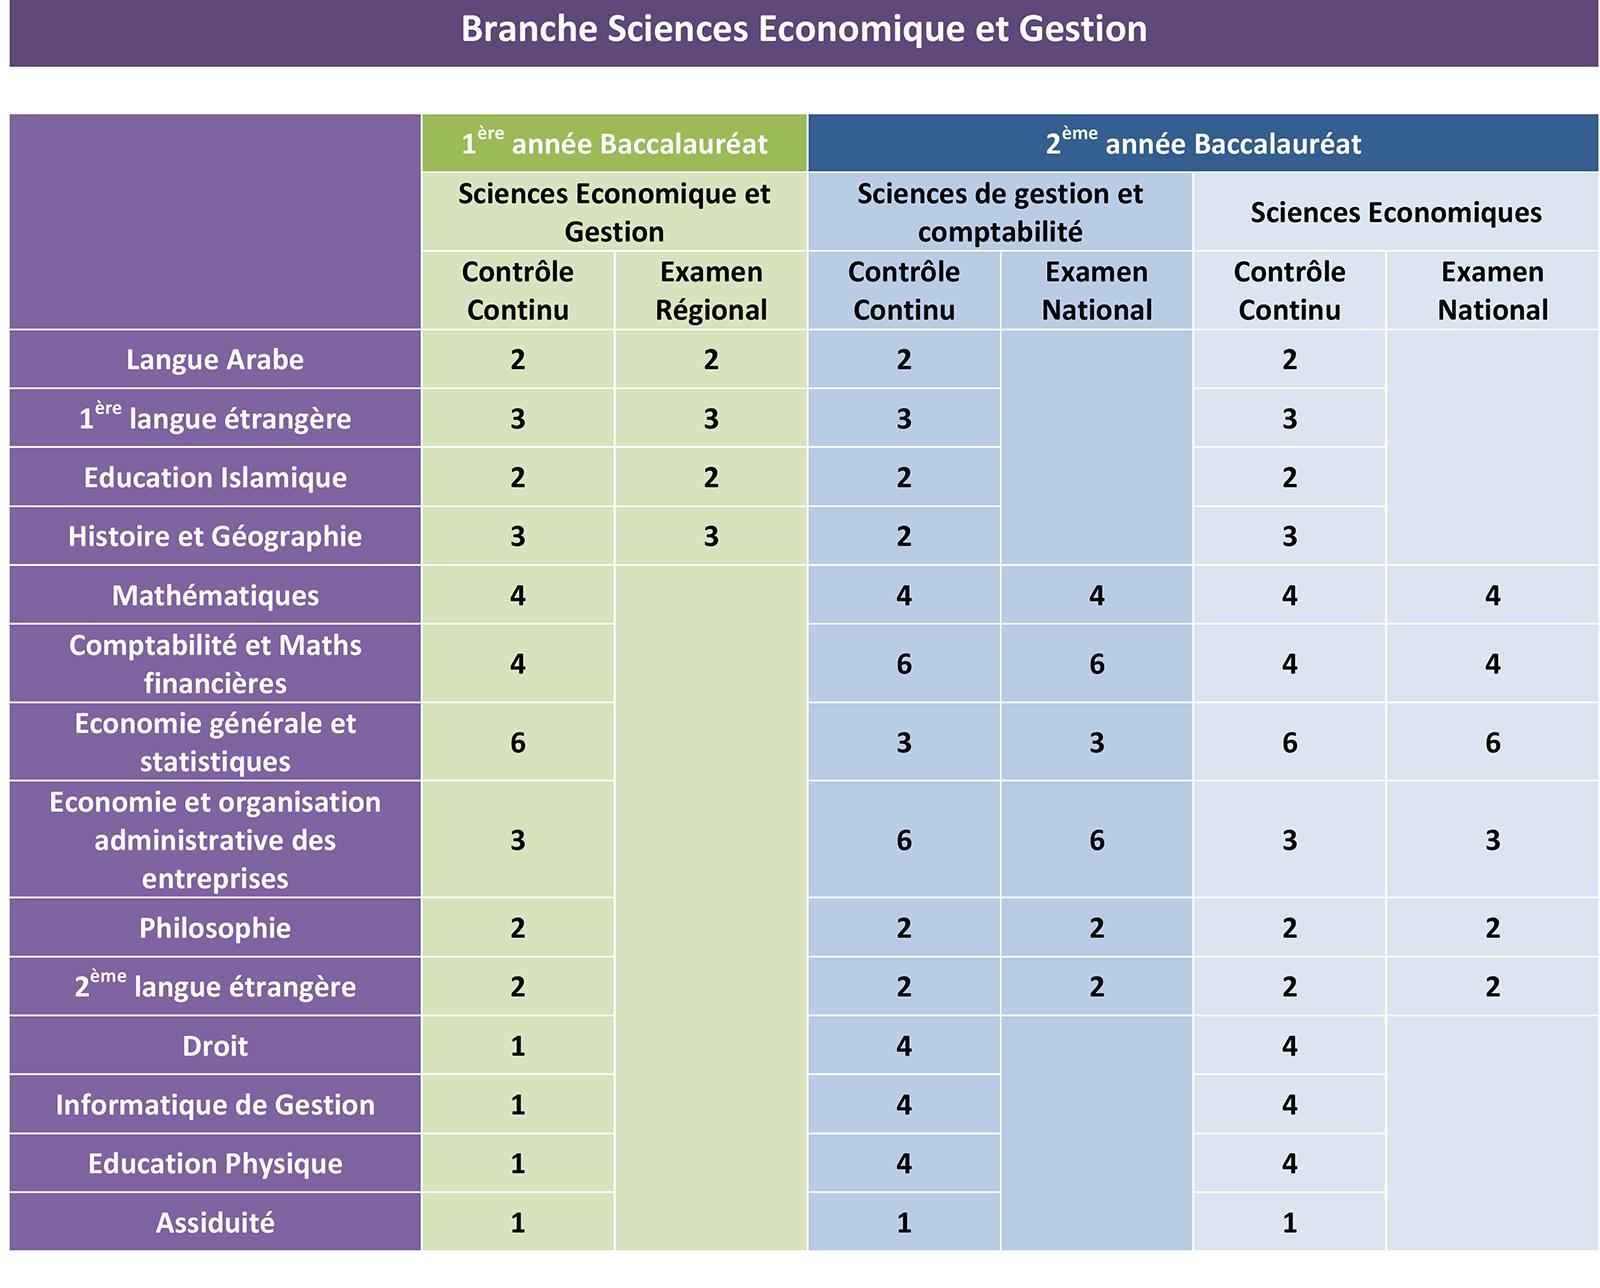 bac sciences economique et gestion